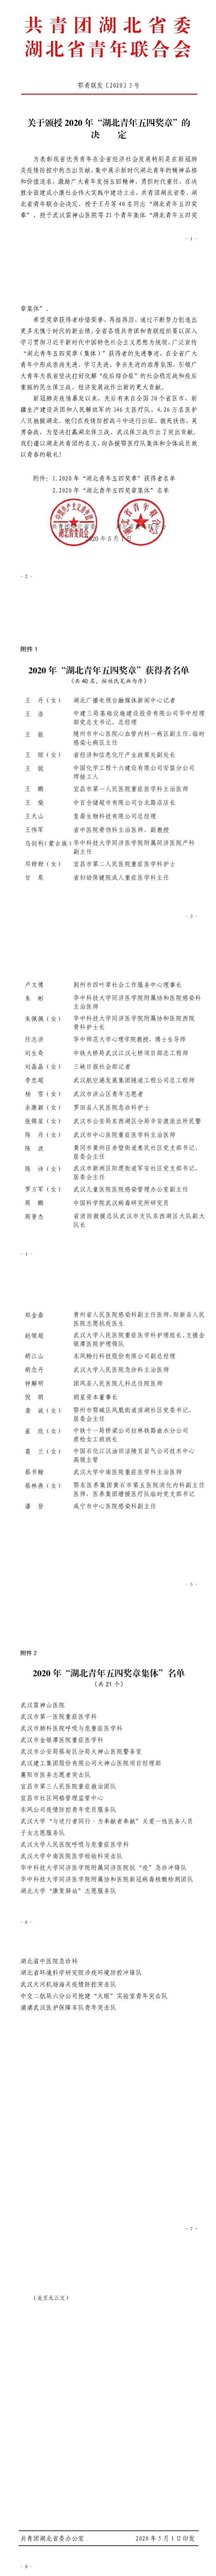 共青团湖北省委员会官方微信截图